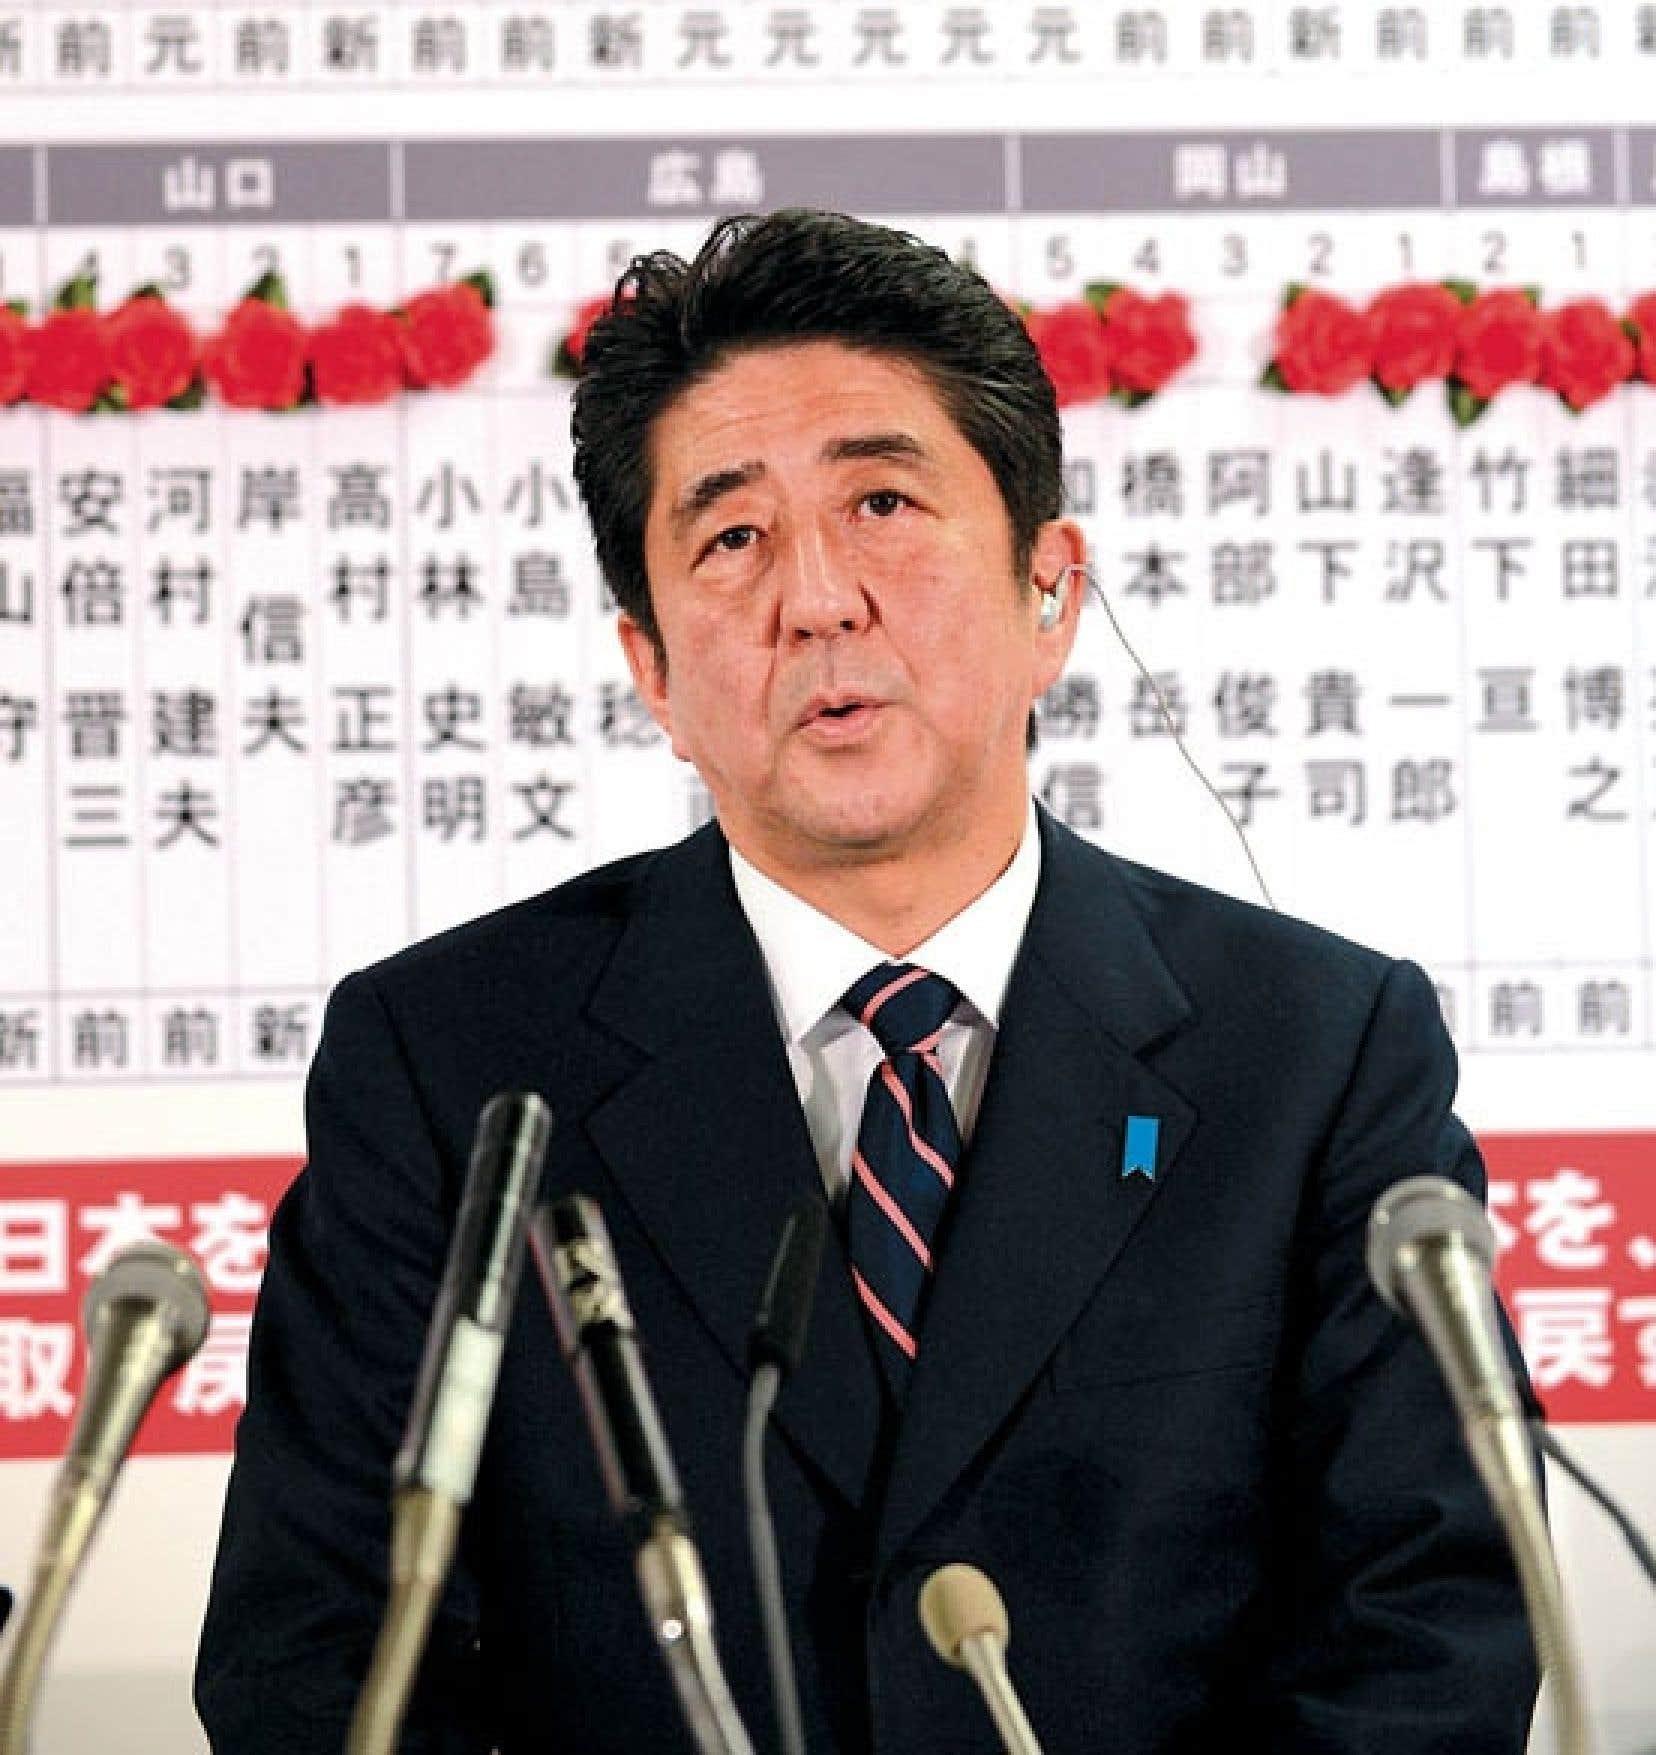 Shinzo Abe est de retour au pouvoir. Connu comme un « faucon » en politique étrangère, il s'est empressé de défier la Chine en rappelant la souveraineté du Japon sur les îles Senkaku.